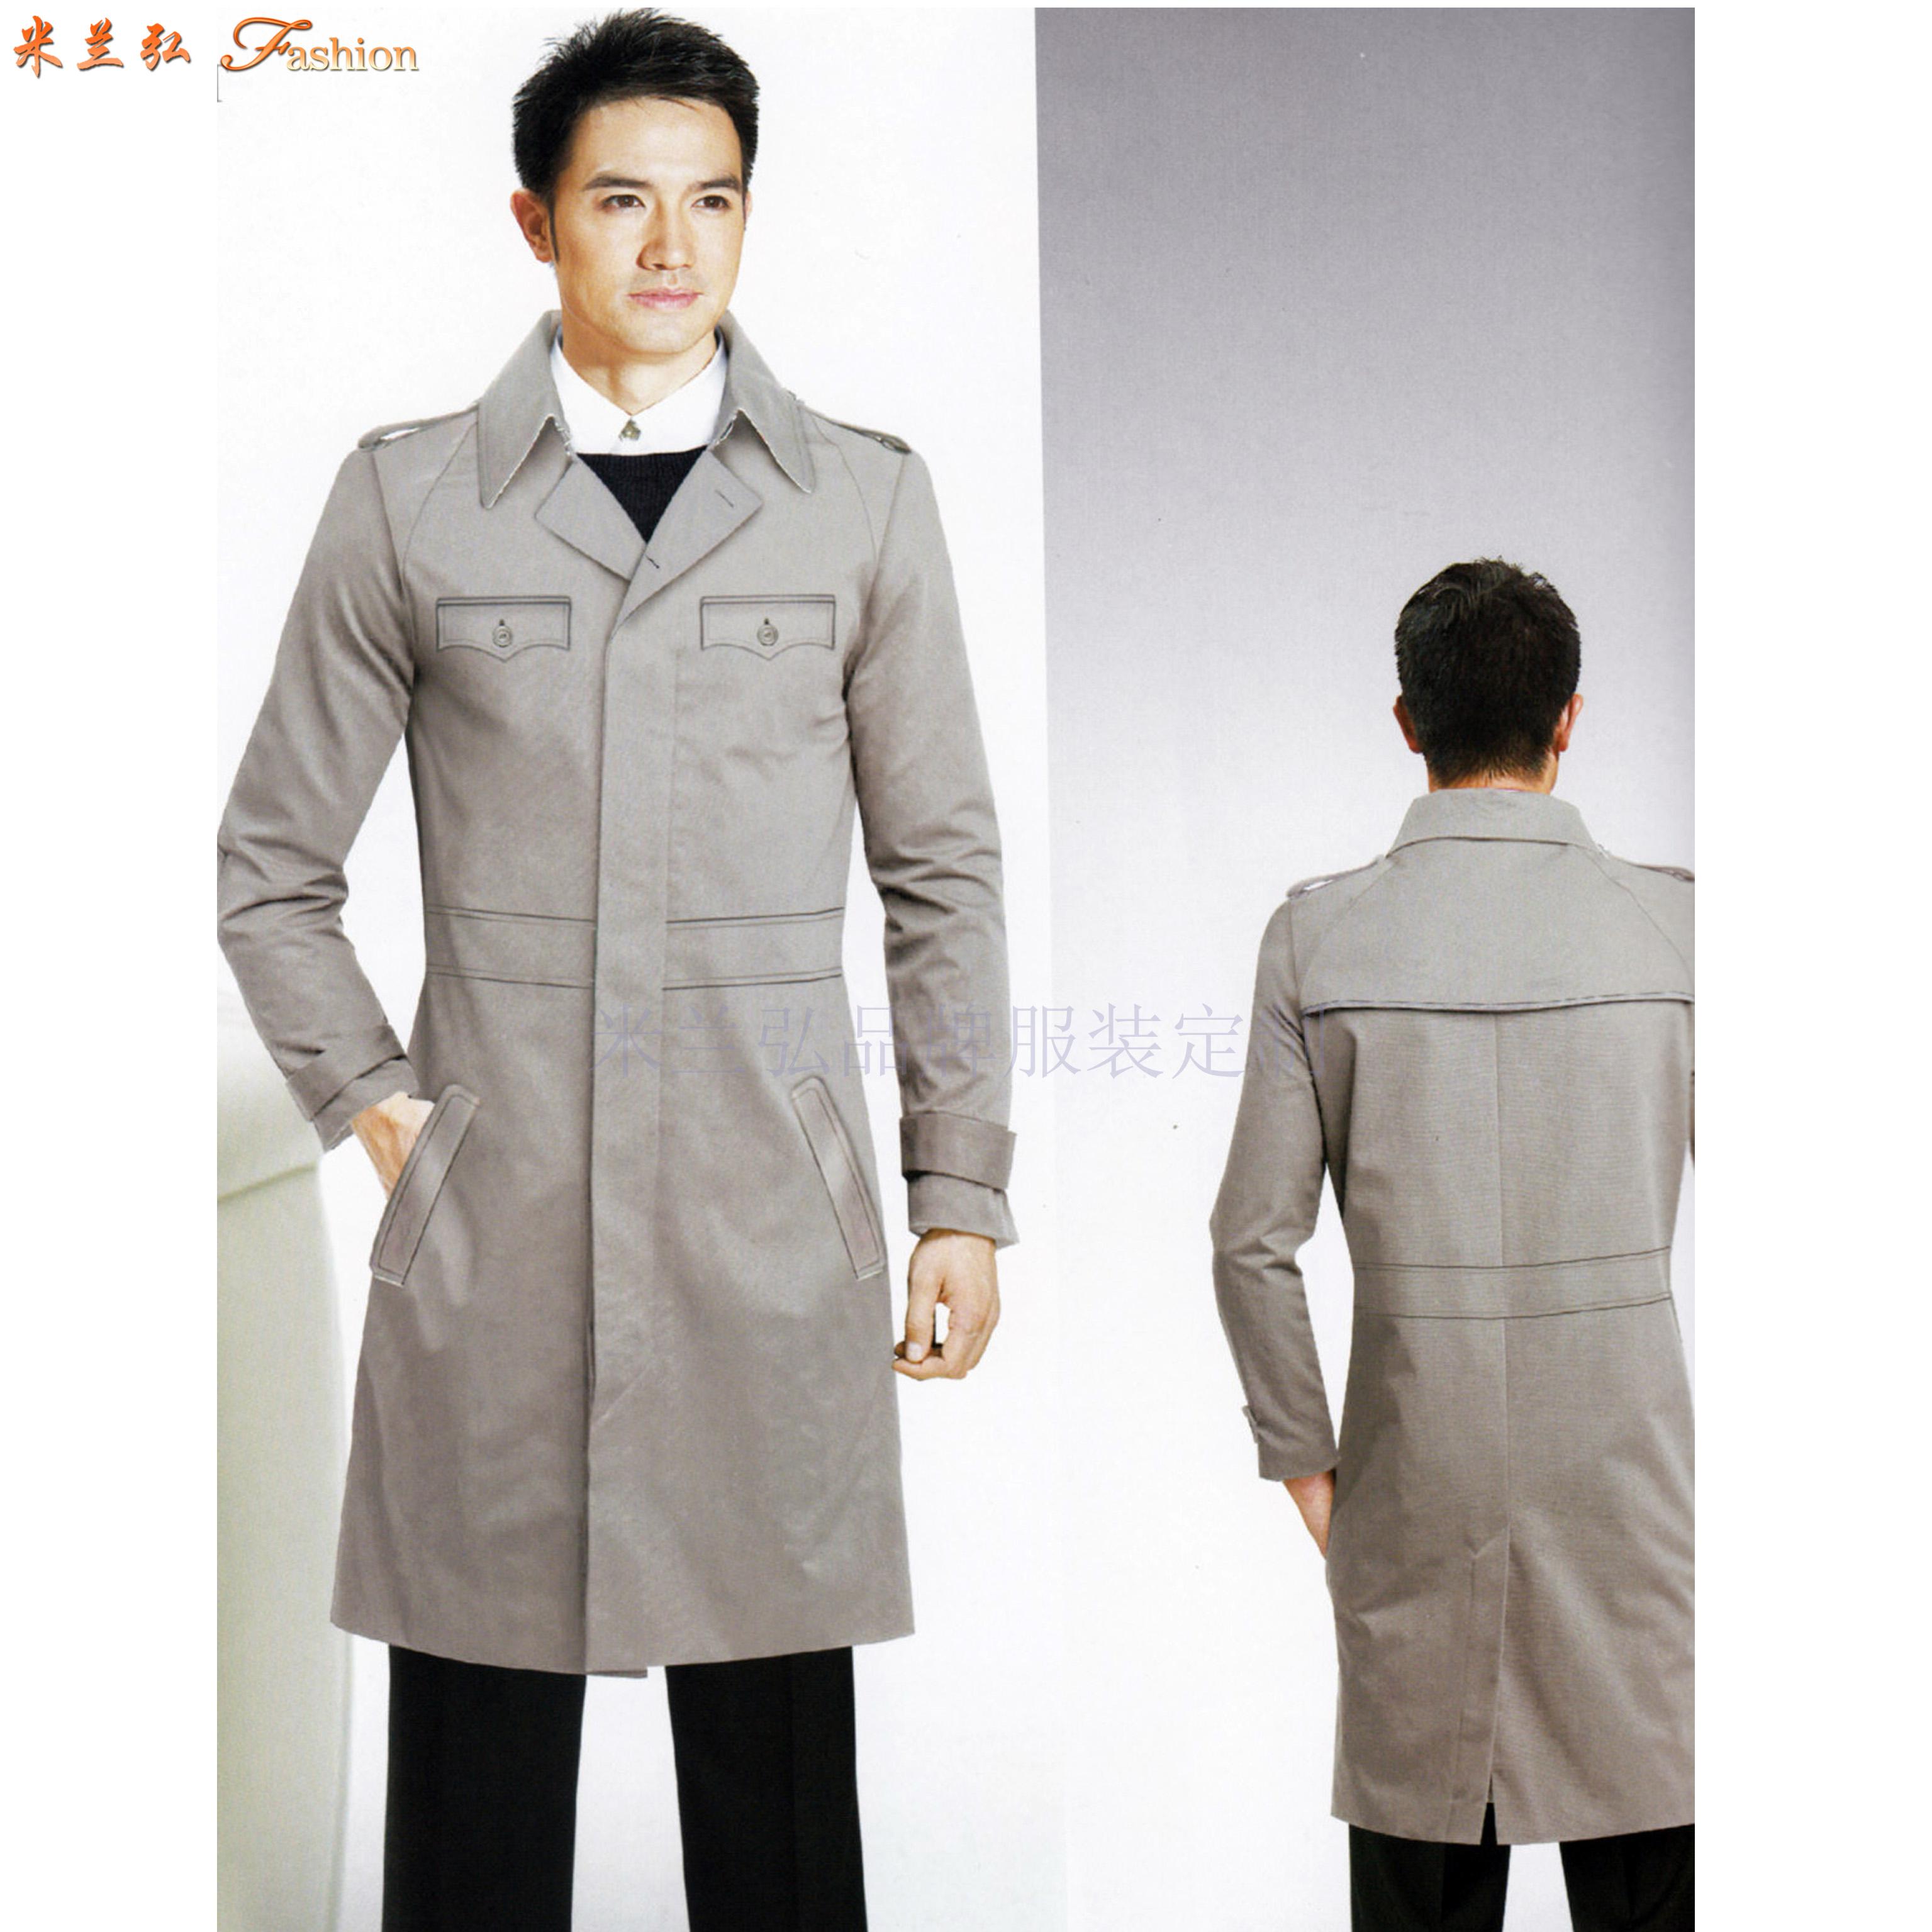 「寧夏大衣」固原市量體訂做羊毛保暖大衣工廠-米蘭弘服裝-2